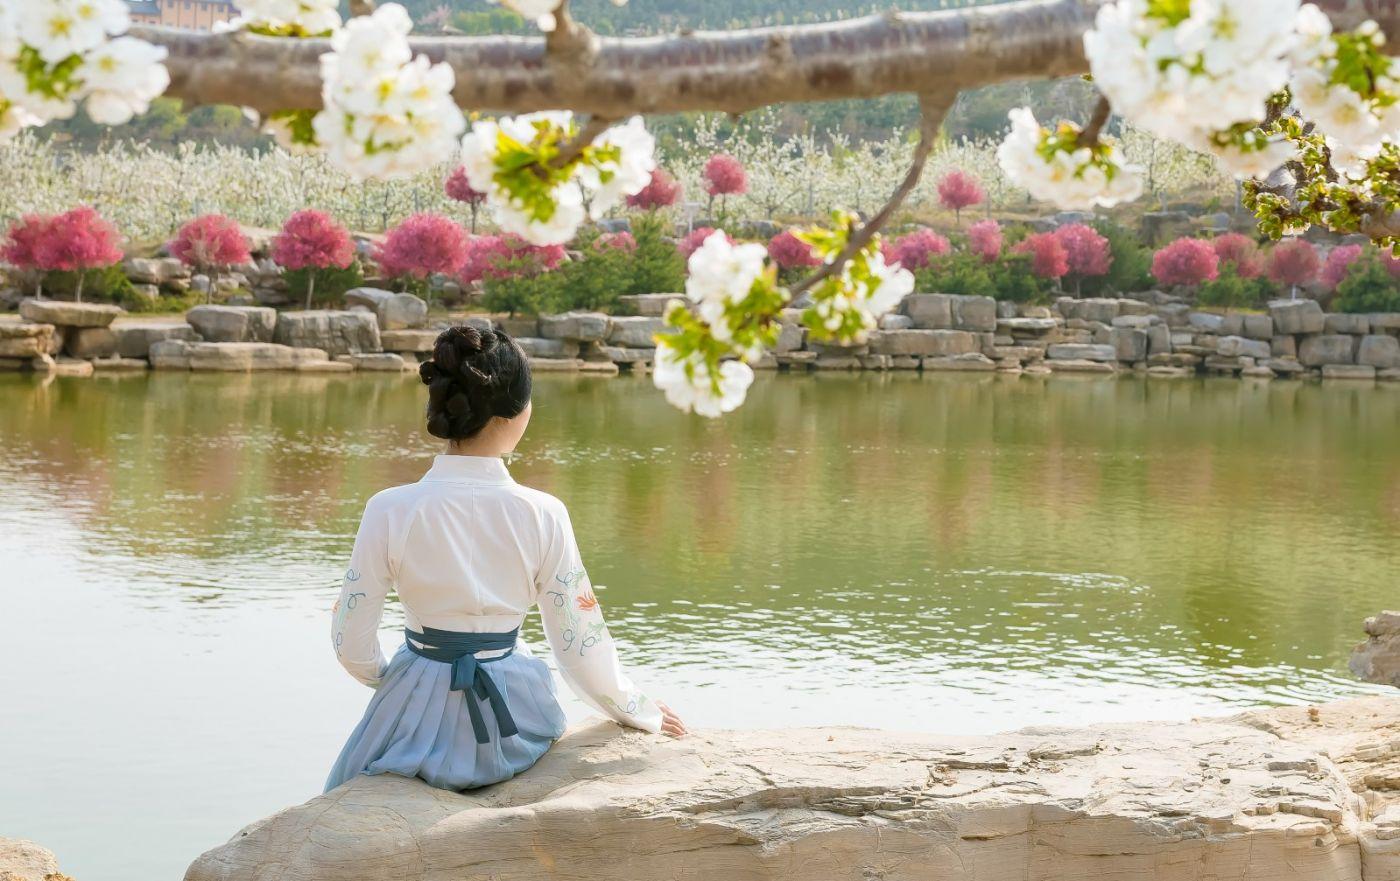 发现民族舞女孩吕锦涛 在樱桃花开白如雪的马泉翩翩起舞_图1-3